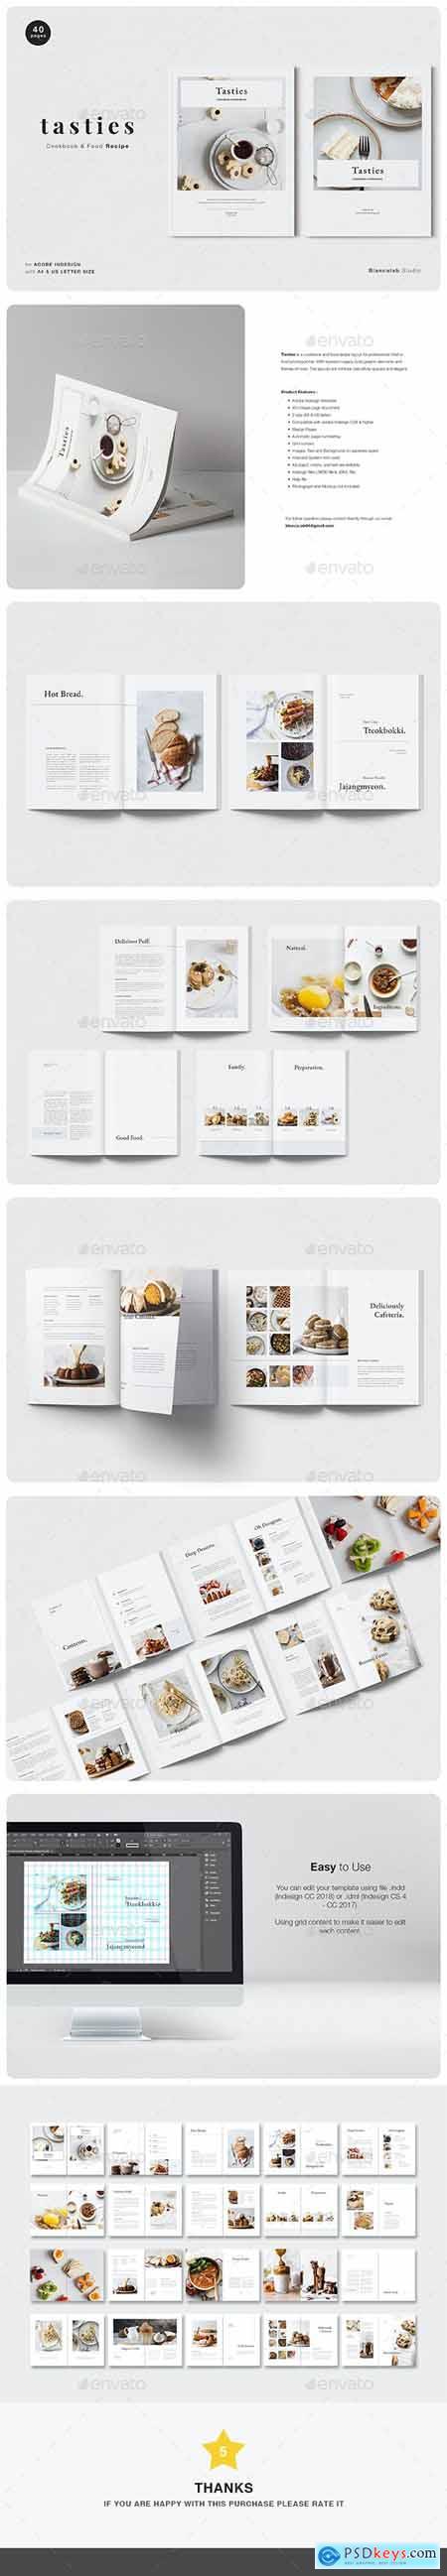 Tasties Cookbook & Food Recipe 27930675